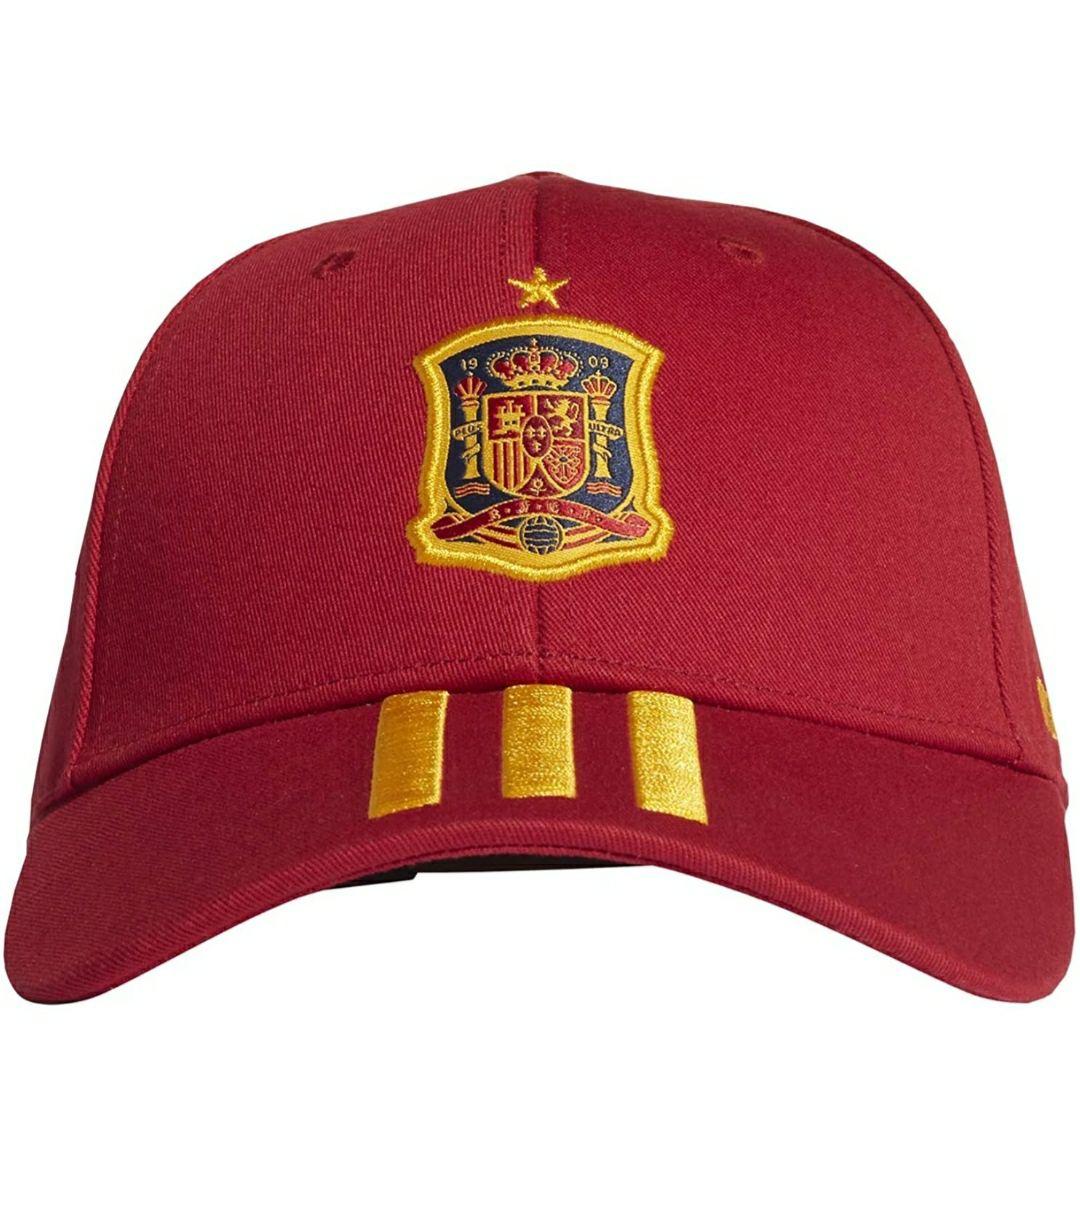 Gorra unisex Adidas roja Adulto selección española. También en blanca